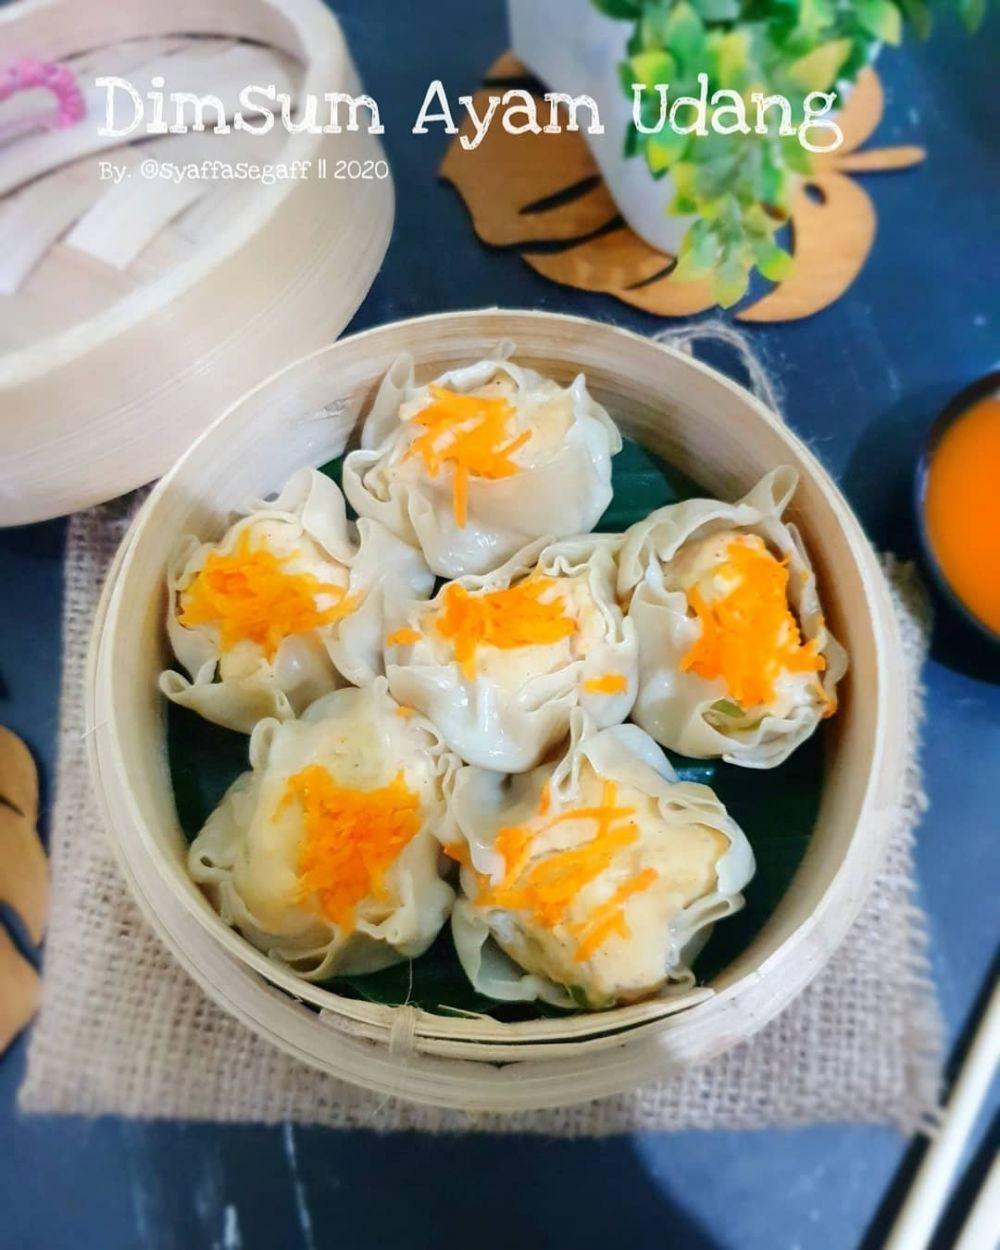 Resep Camilan Kukus Sederhana C 2020 Brilio Net Instagram Syaffasegaff Instagram Tanggalmuda Id Di 2020 Makanan Dan Minuman Resep Memasak